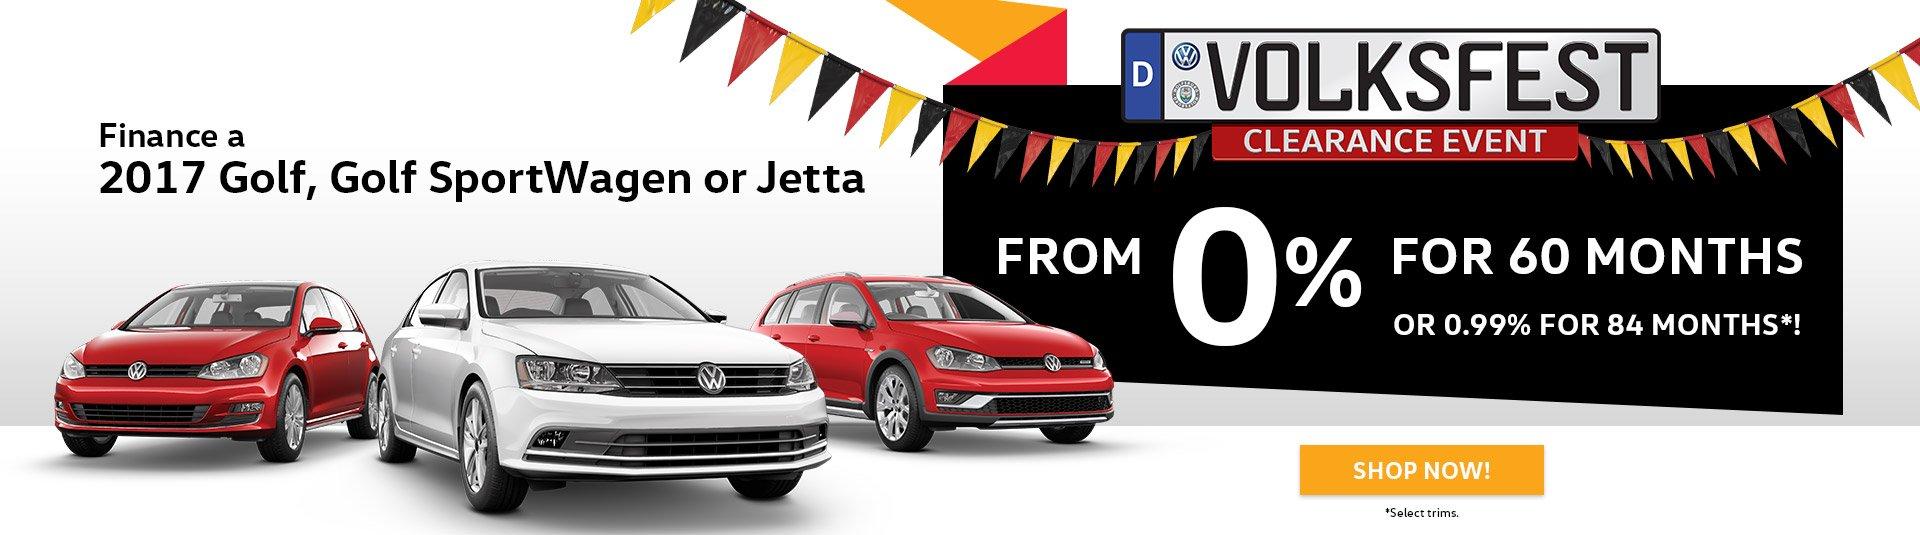 Toronto Volkswagen Dealership Volkswagen Mississauga